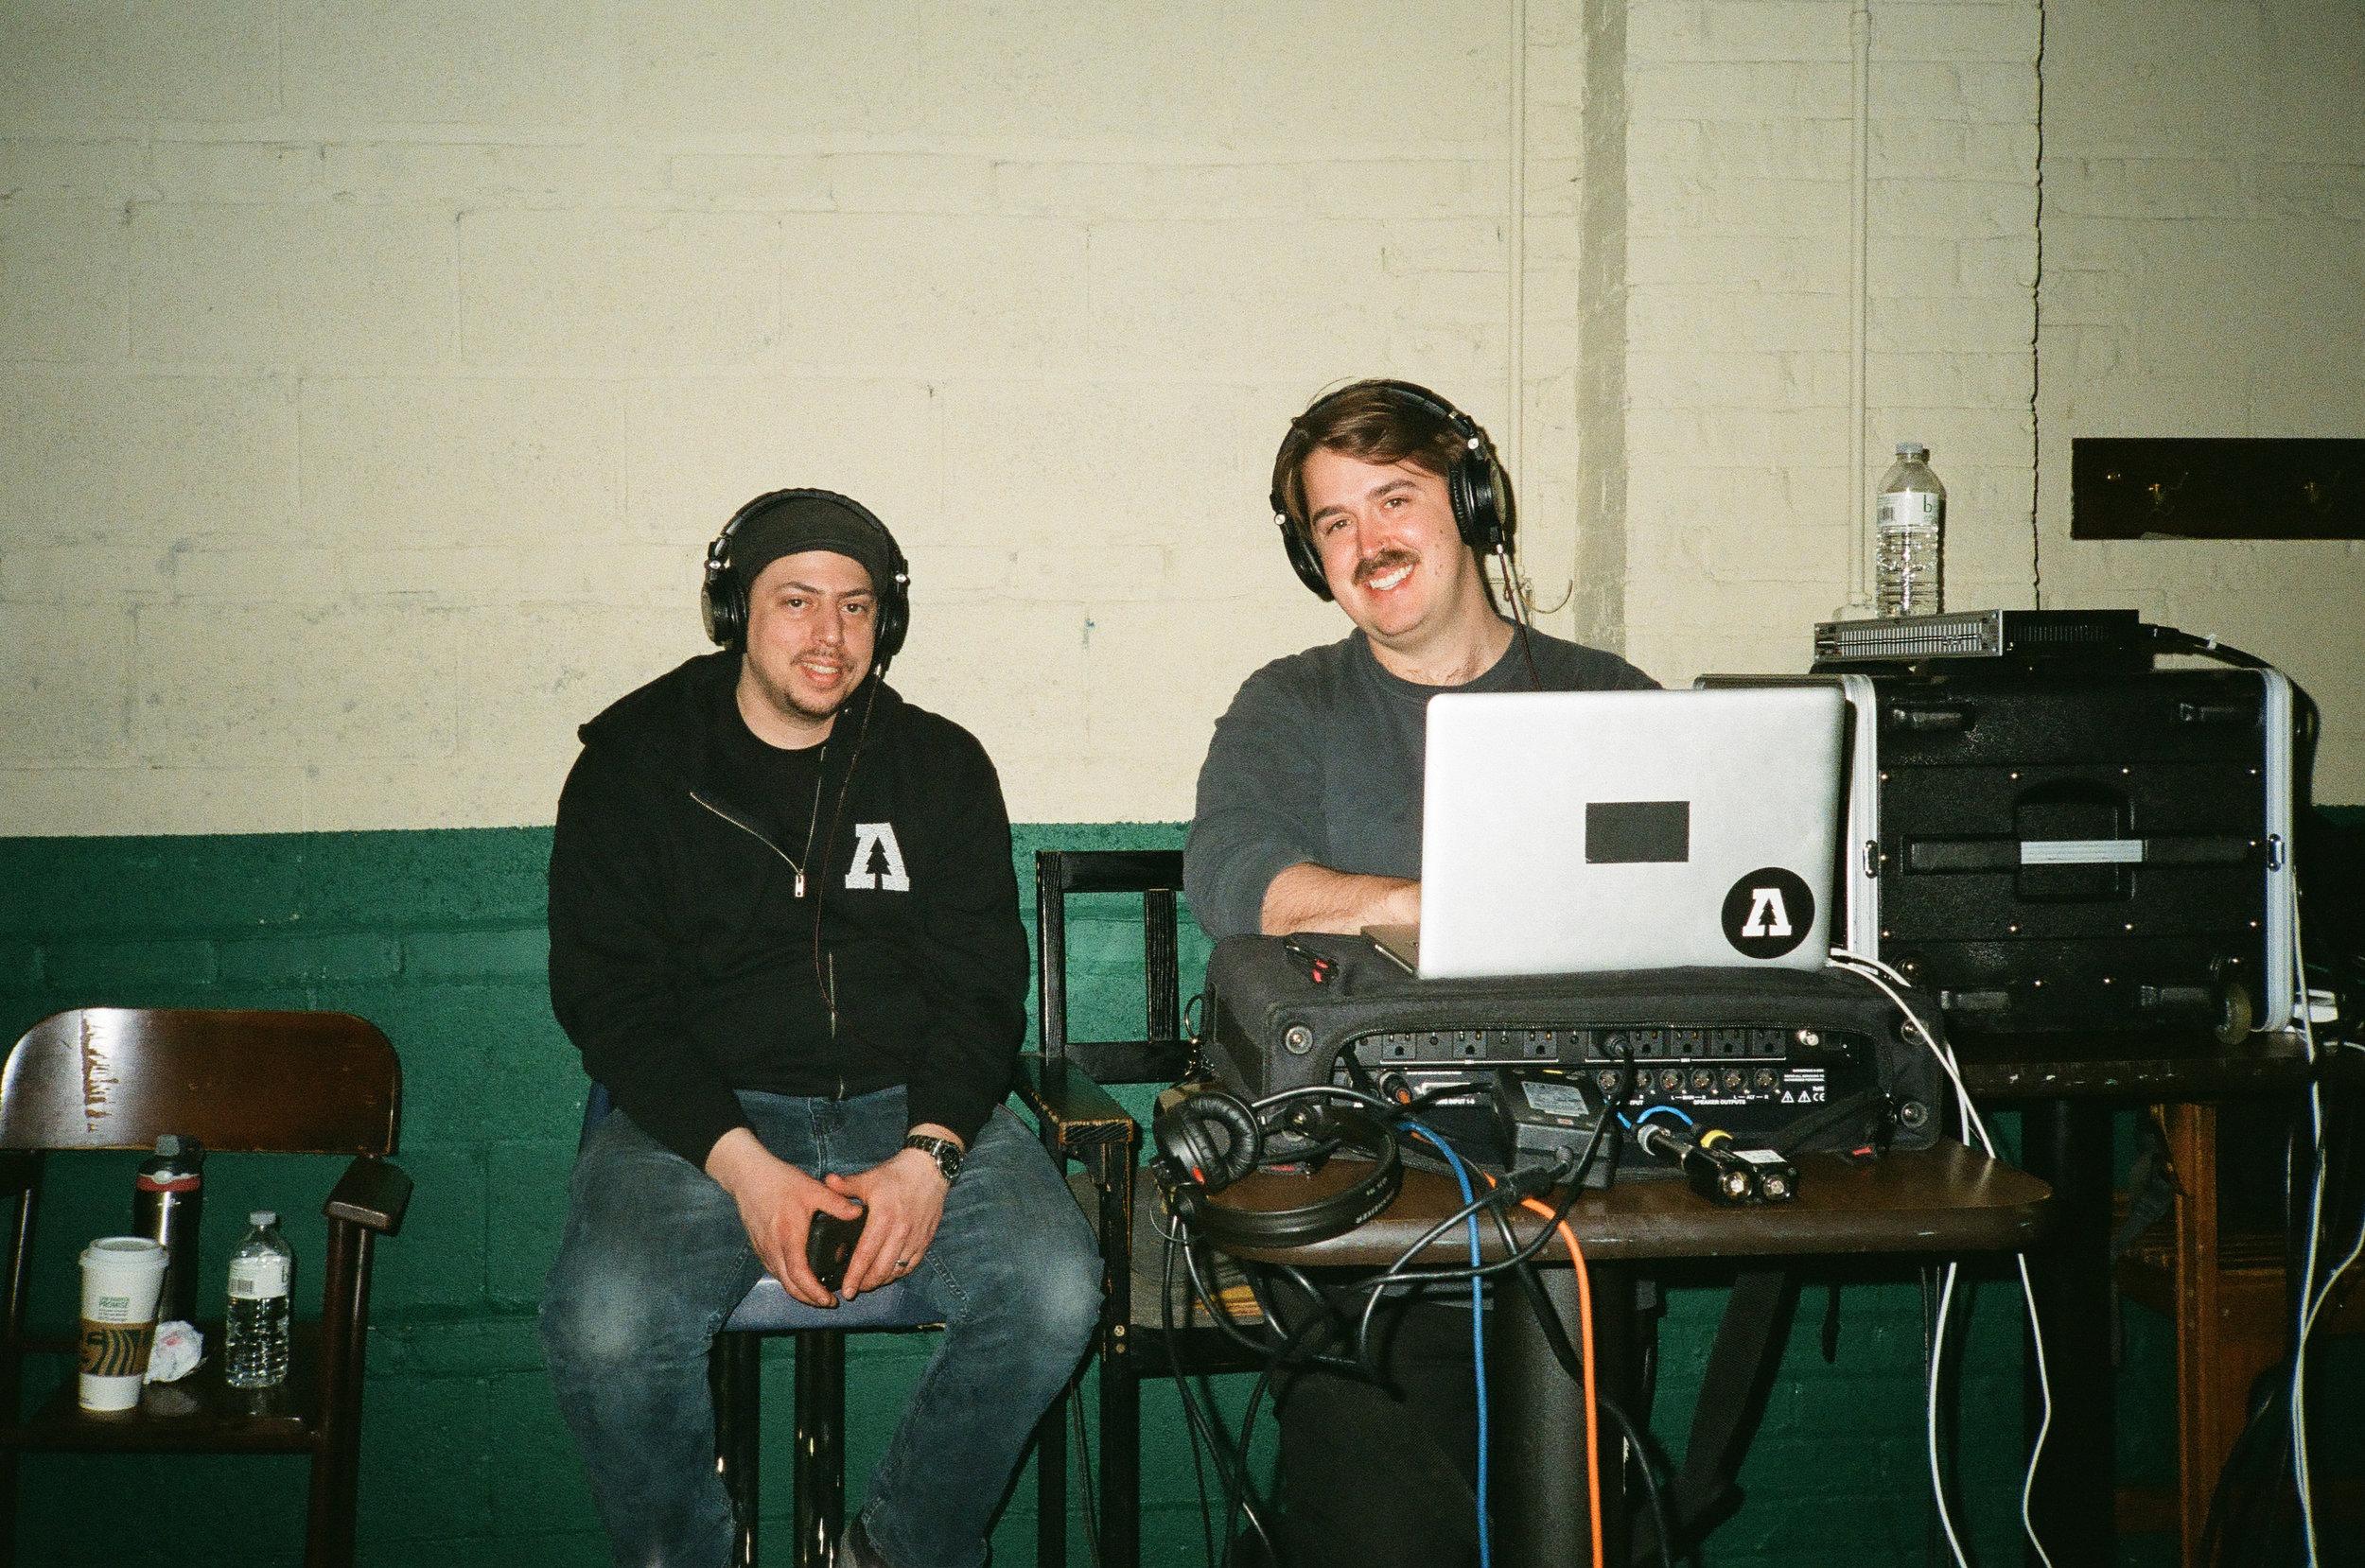 viagra-boys-audiotree-farout-20.jpg